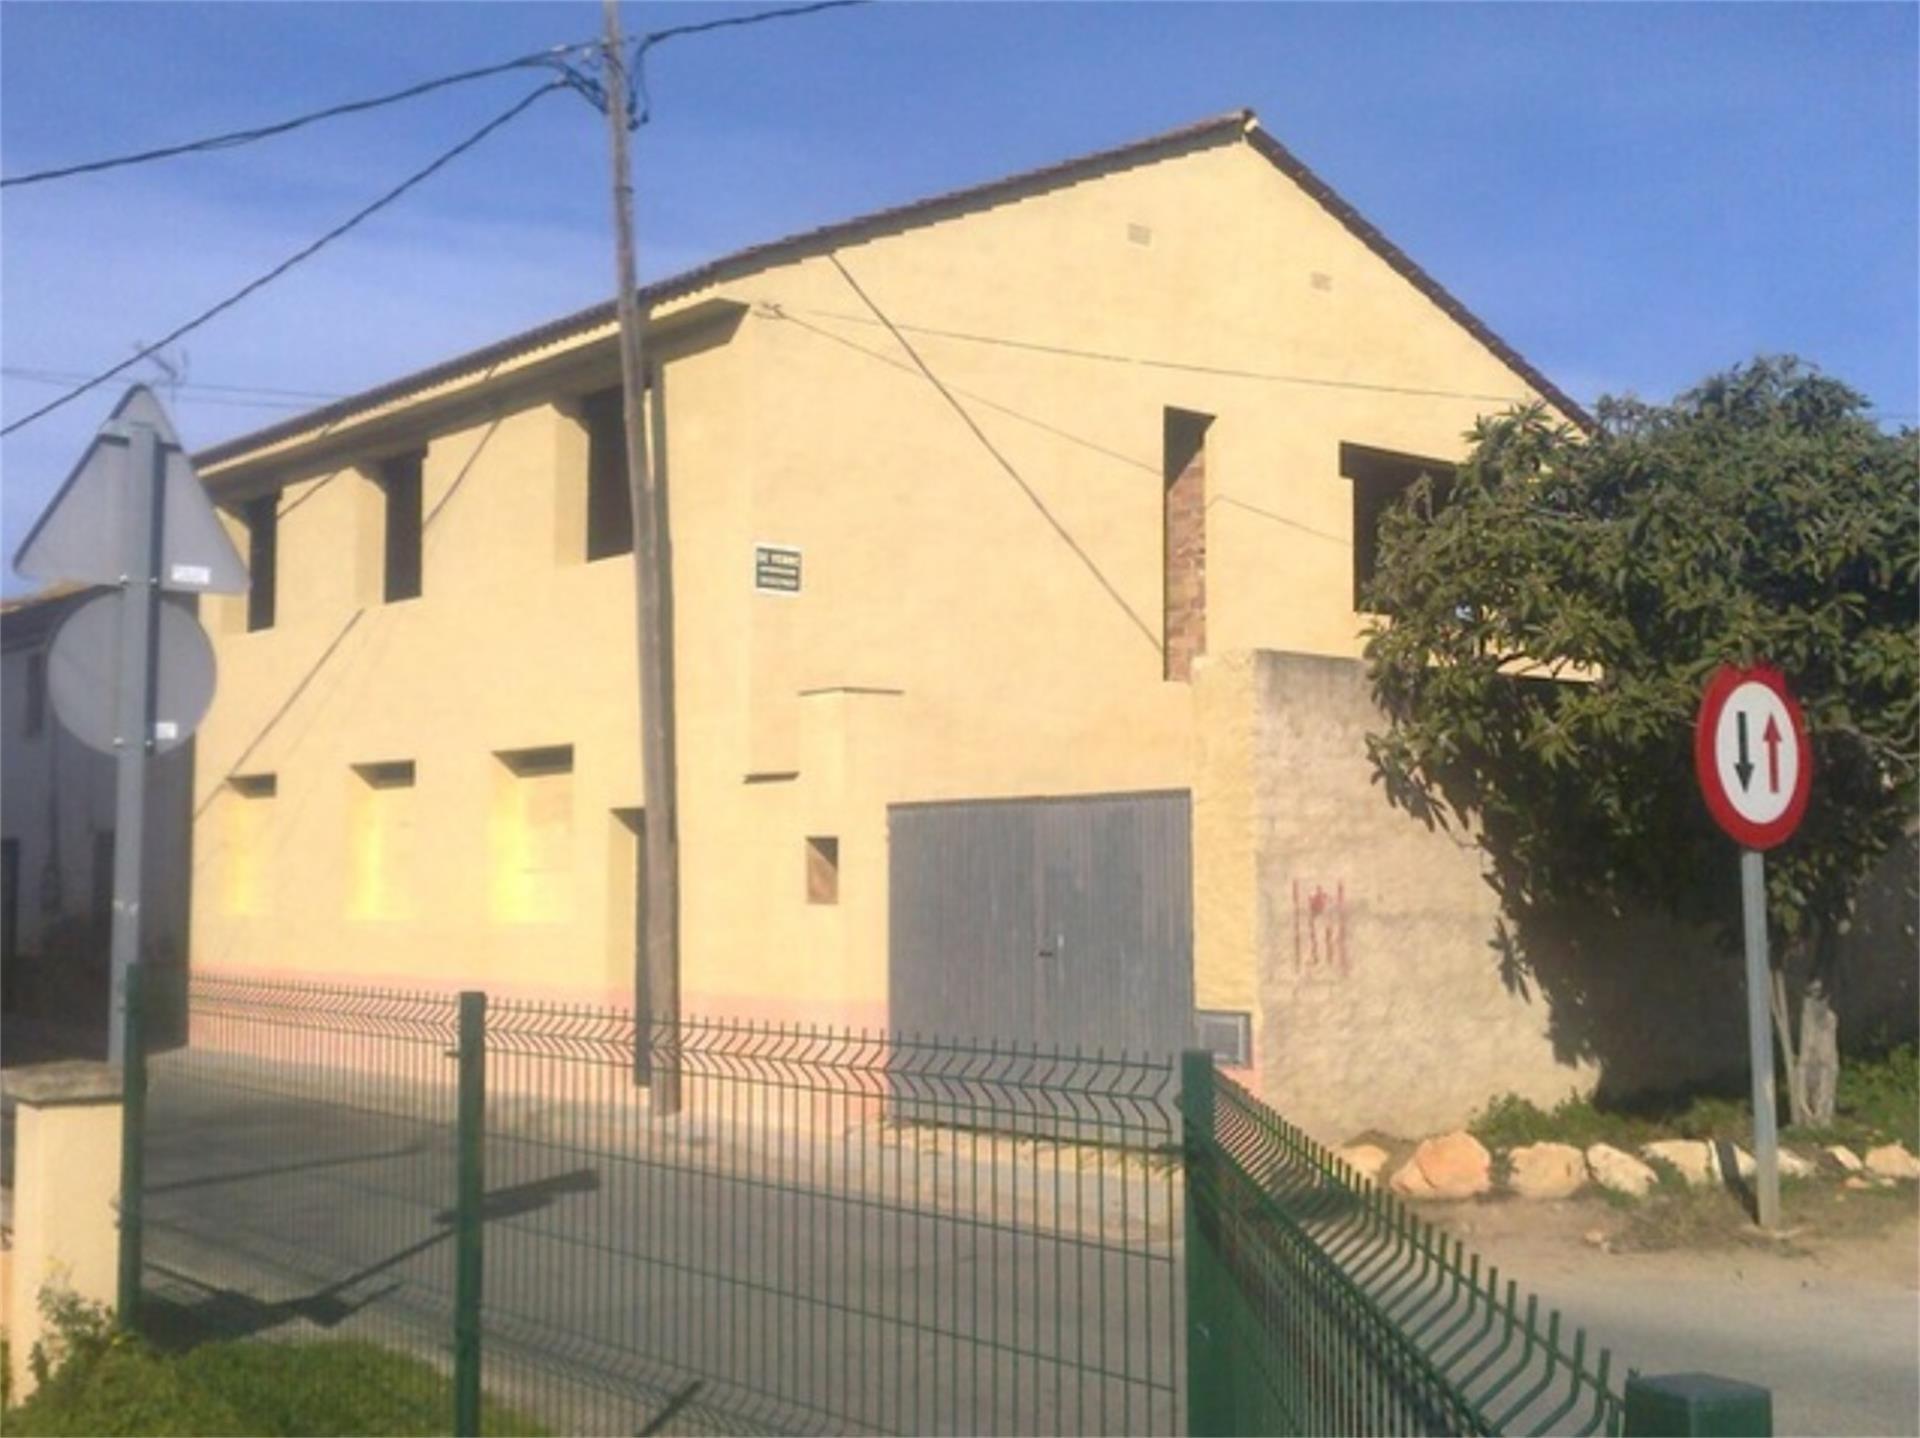 Casa  Carrer de la torregassa. Sant jaume dels domenys / carrer de la torregassa